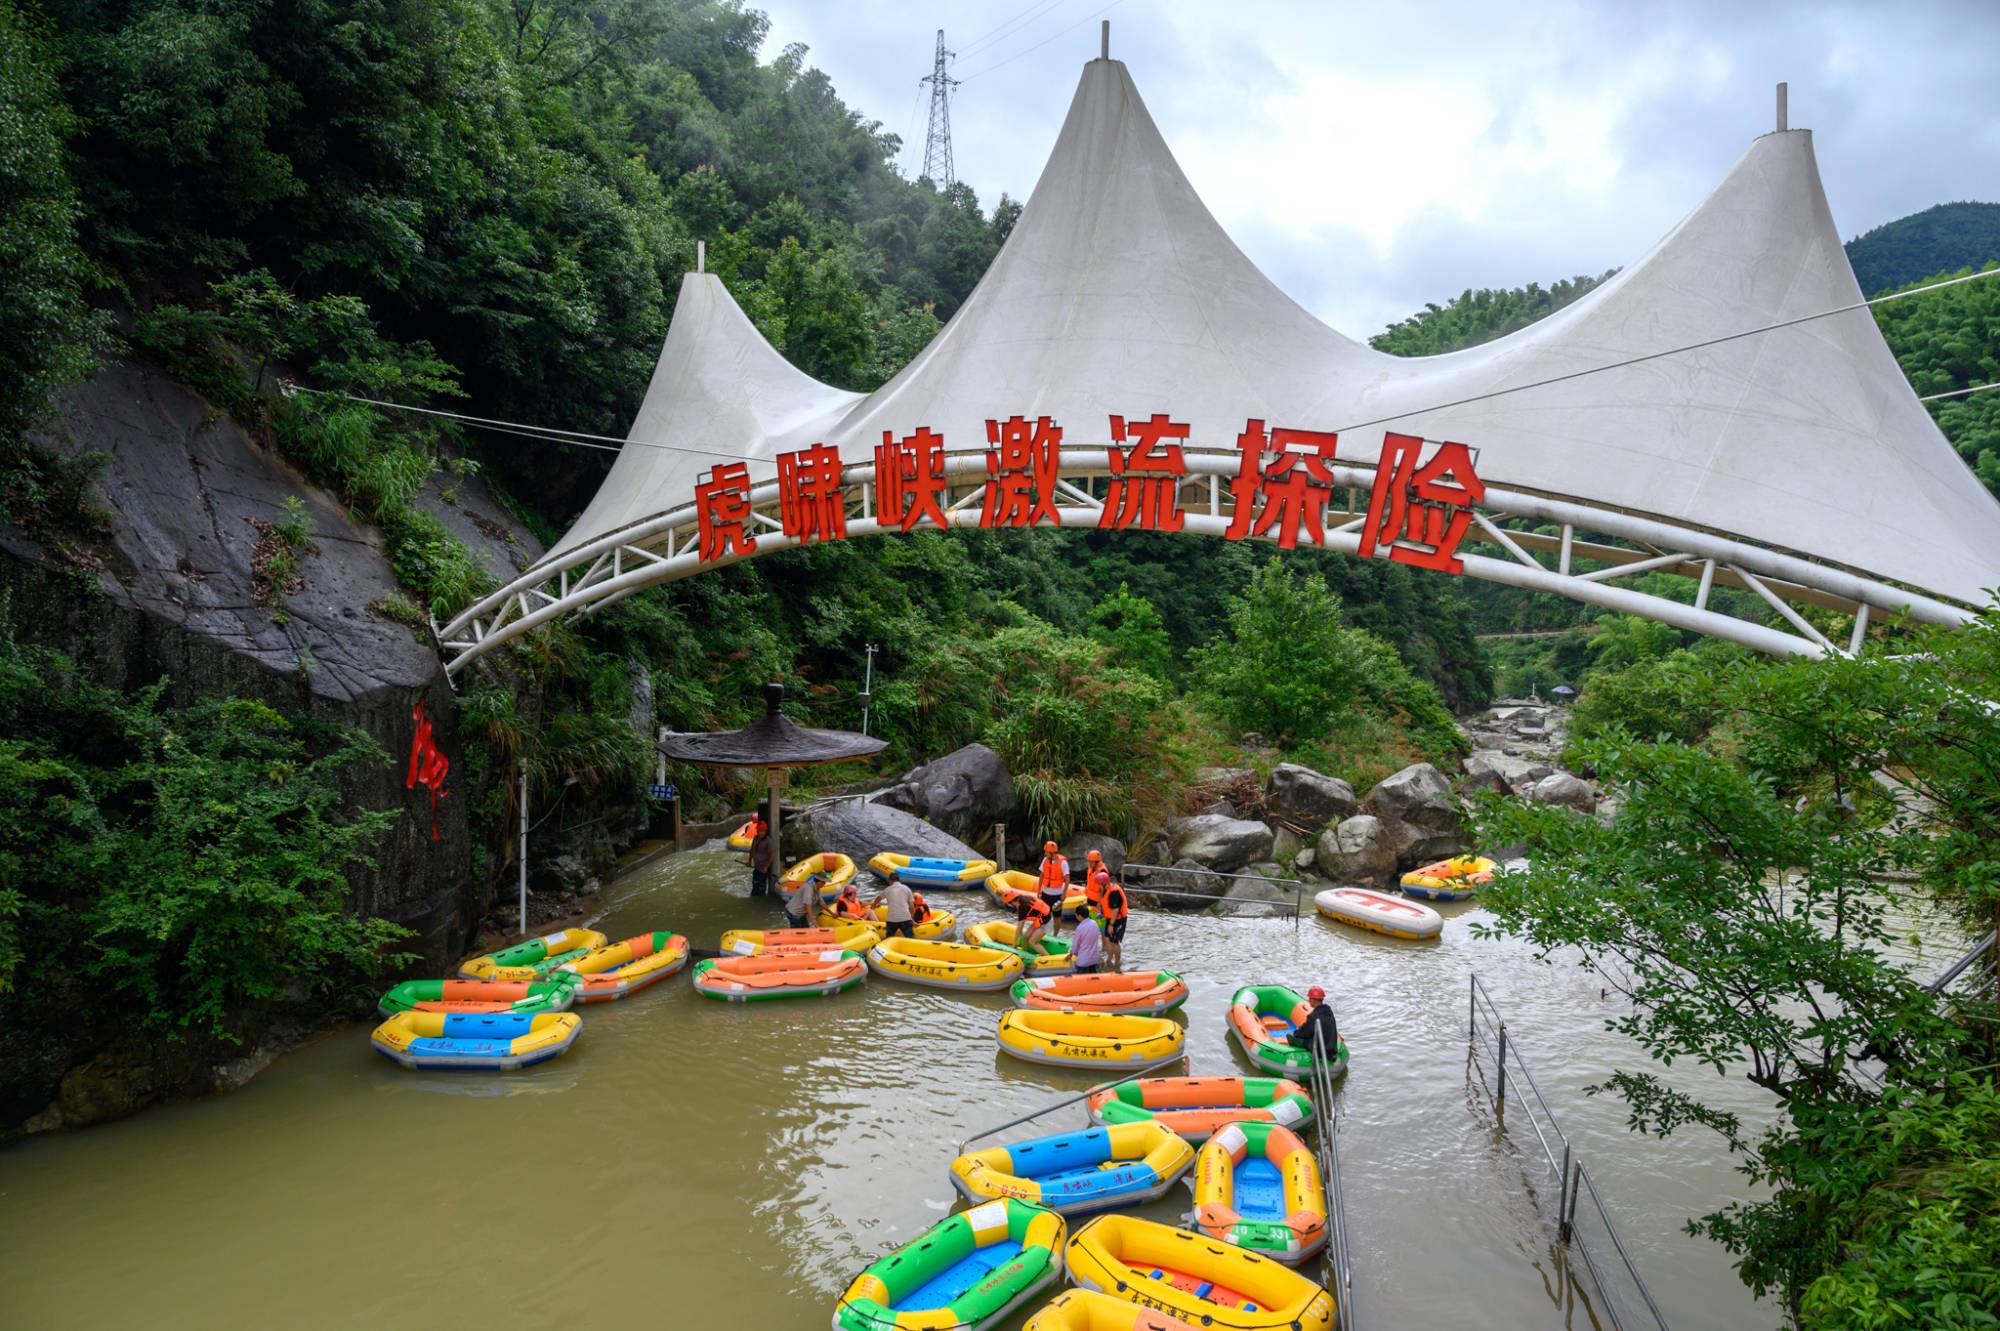 """原创             浙江最刺激的漂流,长10公里漂流至少90分钟,堪称""""华东第一漂"""""""